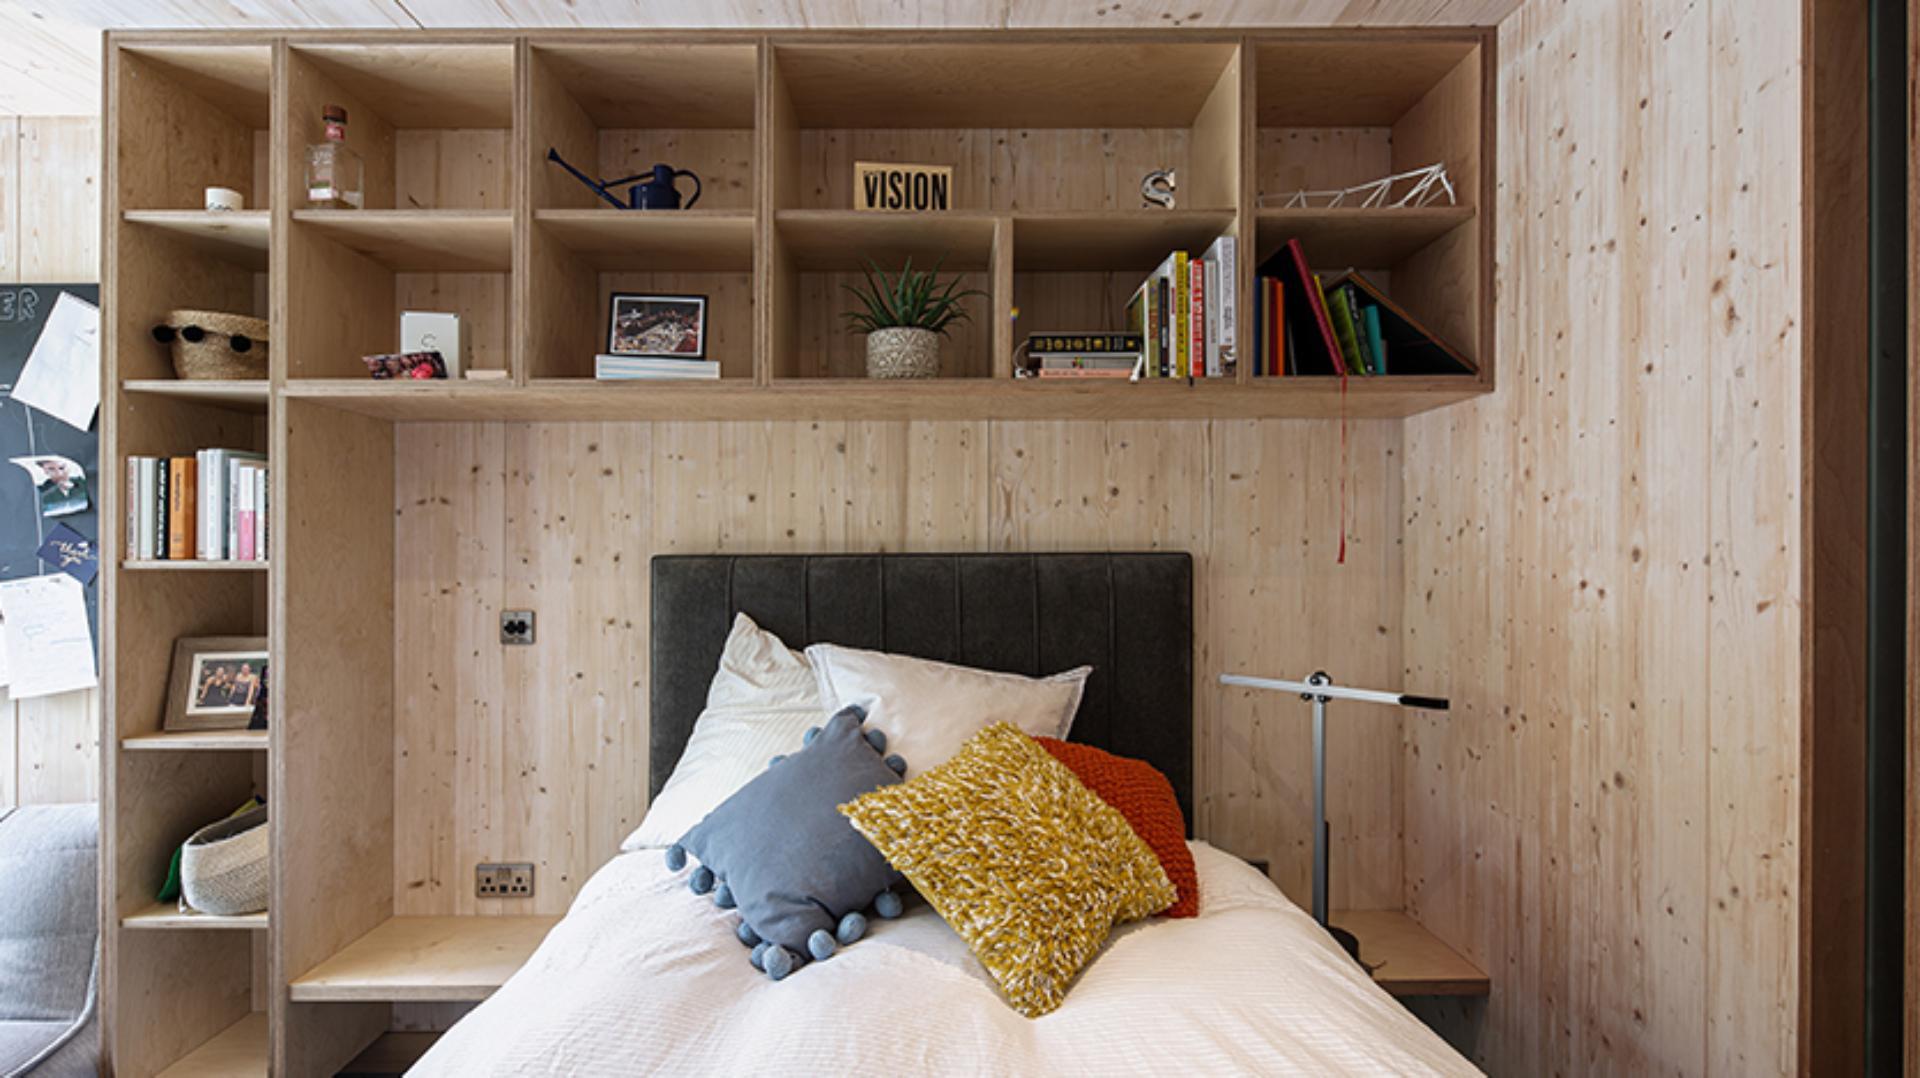 Interior view of the undergraduate living quarters